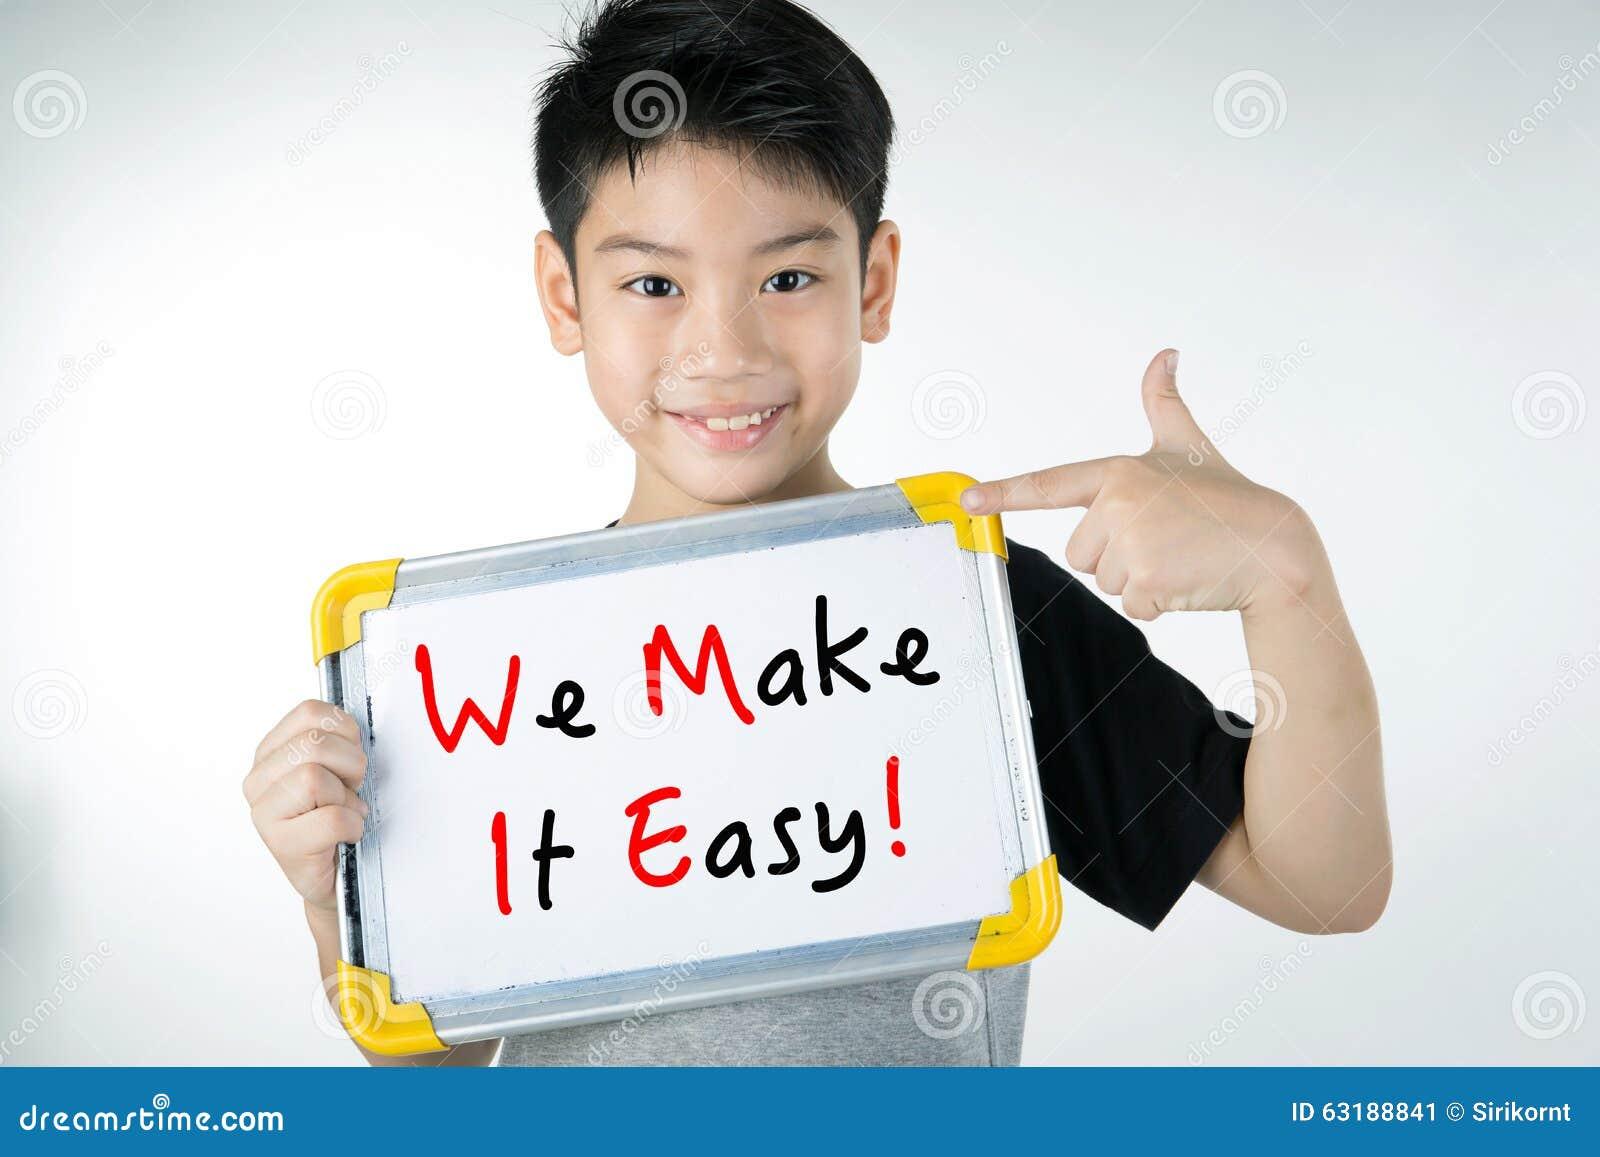 Den asiatiska pojken med GÖR VI IT LÄTT! meddelande på det vita brädet